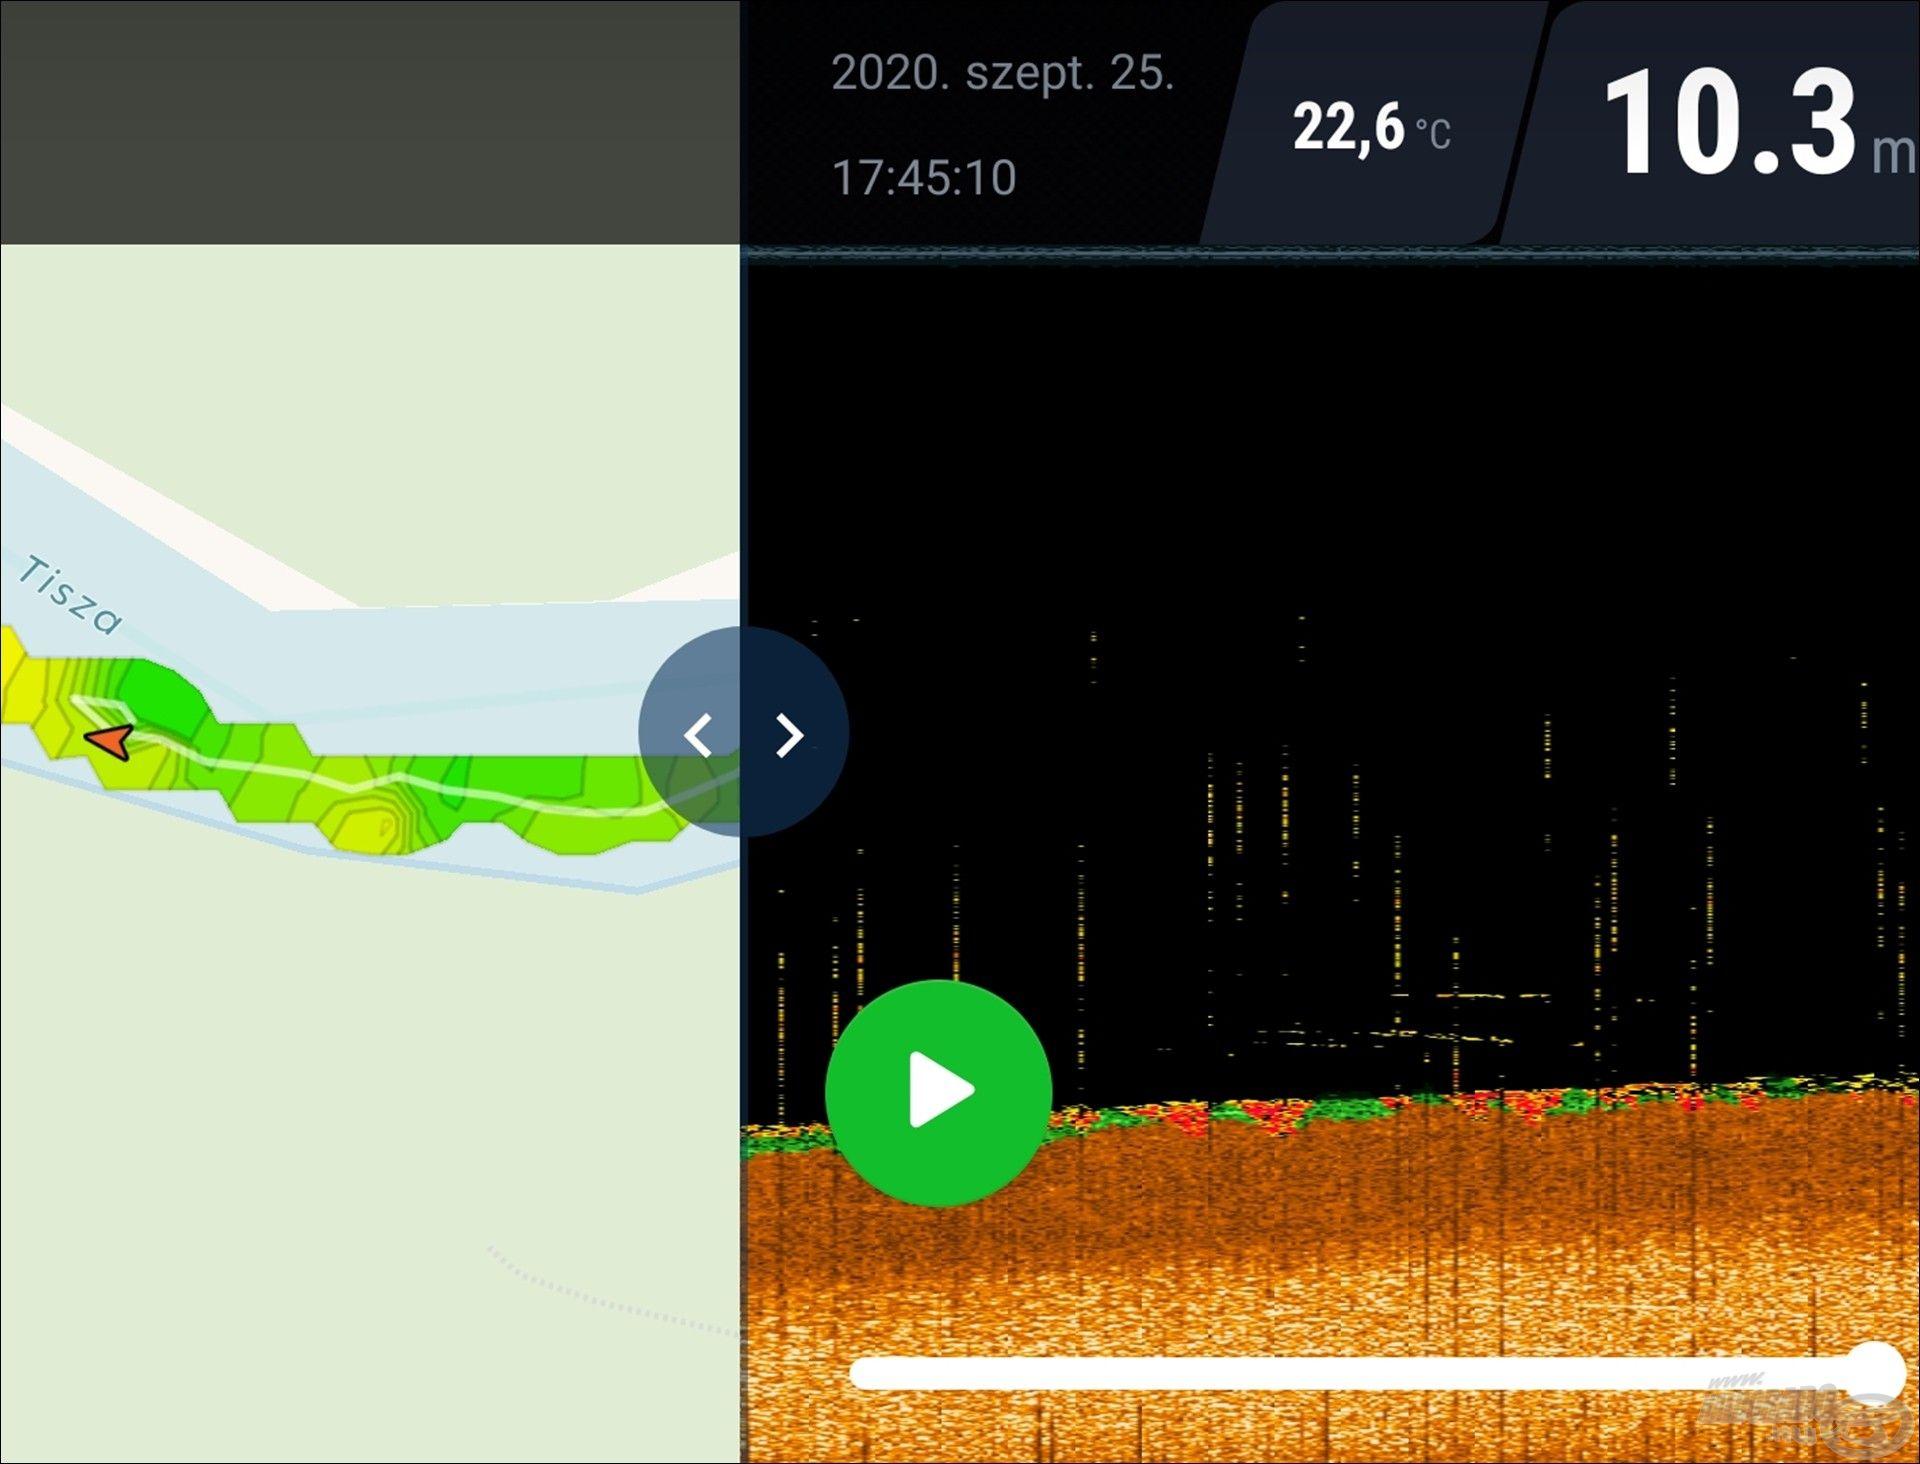 A fentebb tárgyalt pontot kerestem vissza az előzményekben, jobb oldalon a radarkép, bal oldalon a térkép. El is árulom, itt az elején, a következő látogatáskor is ott voltak az objektumok, amelyek darabos kőtömböknek bizonyultak